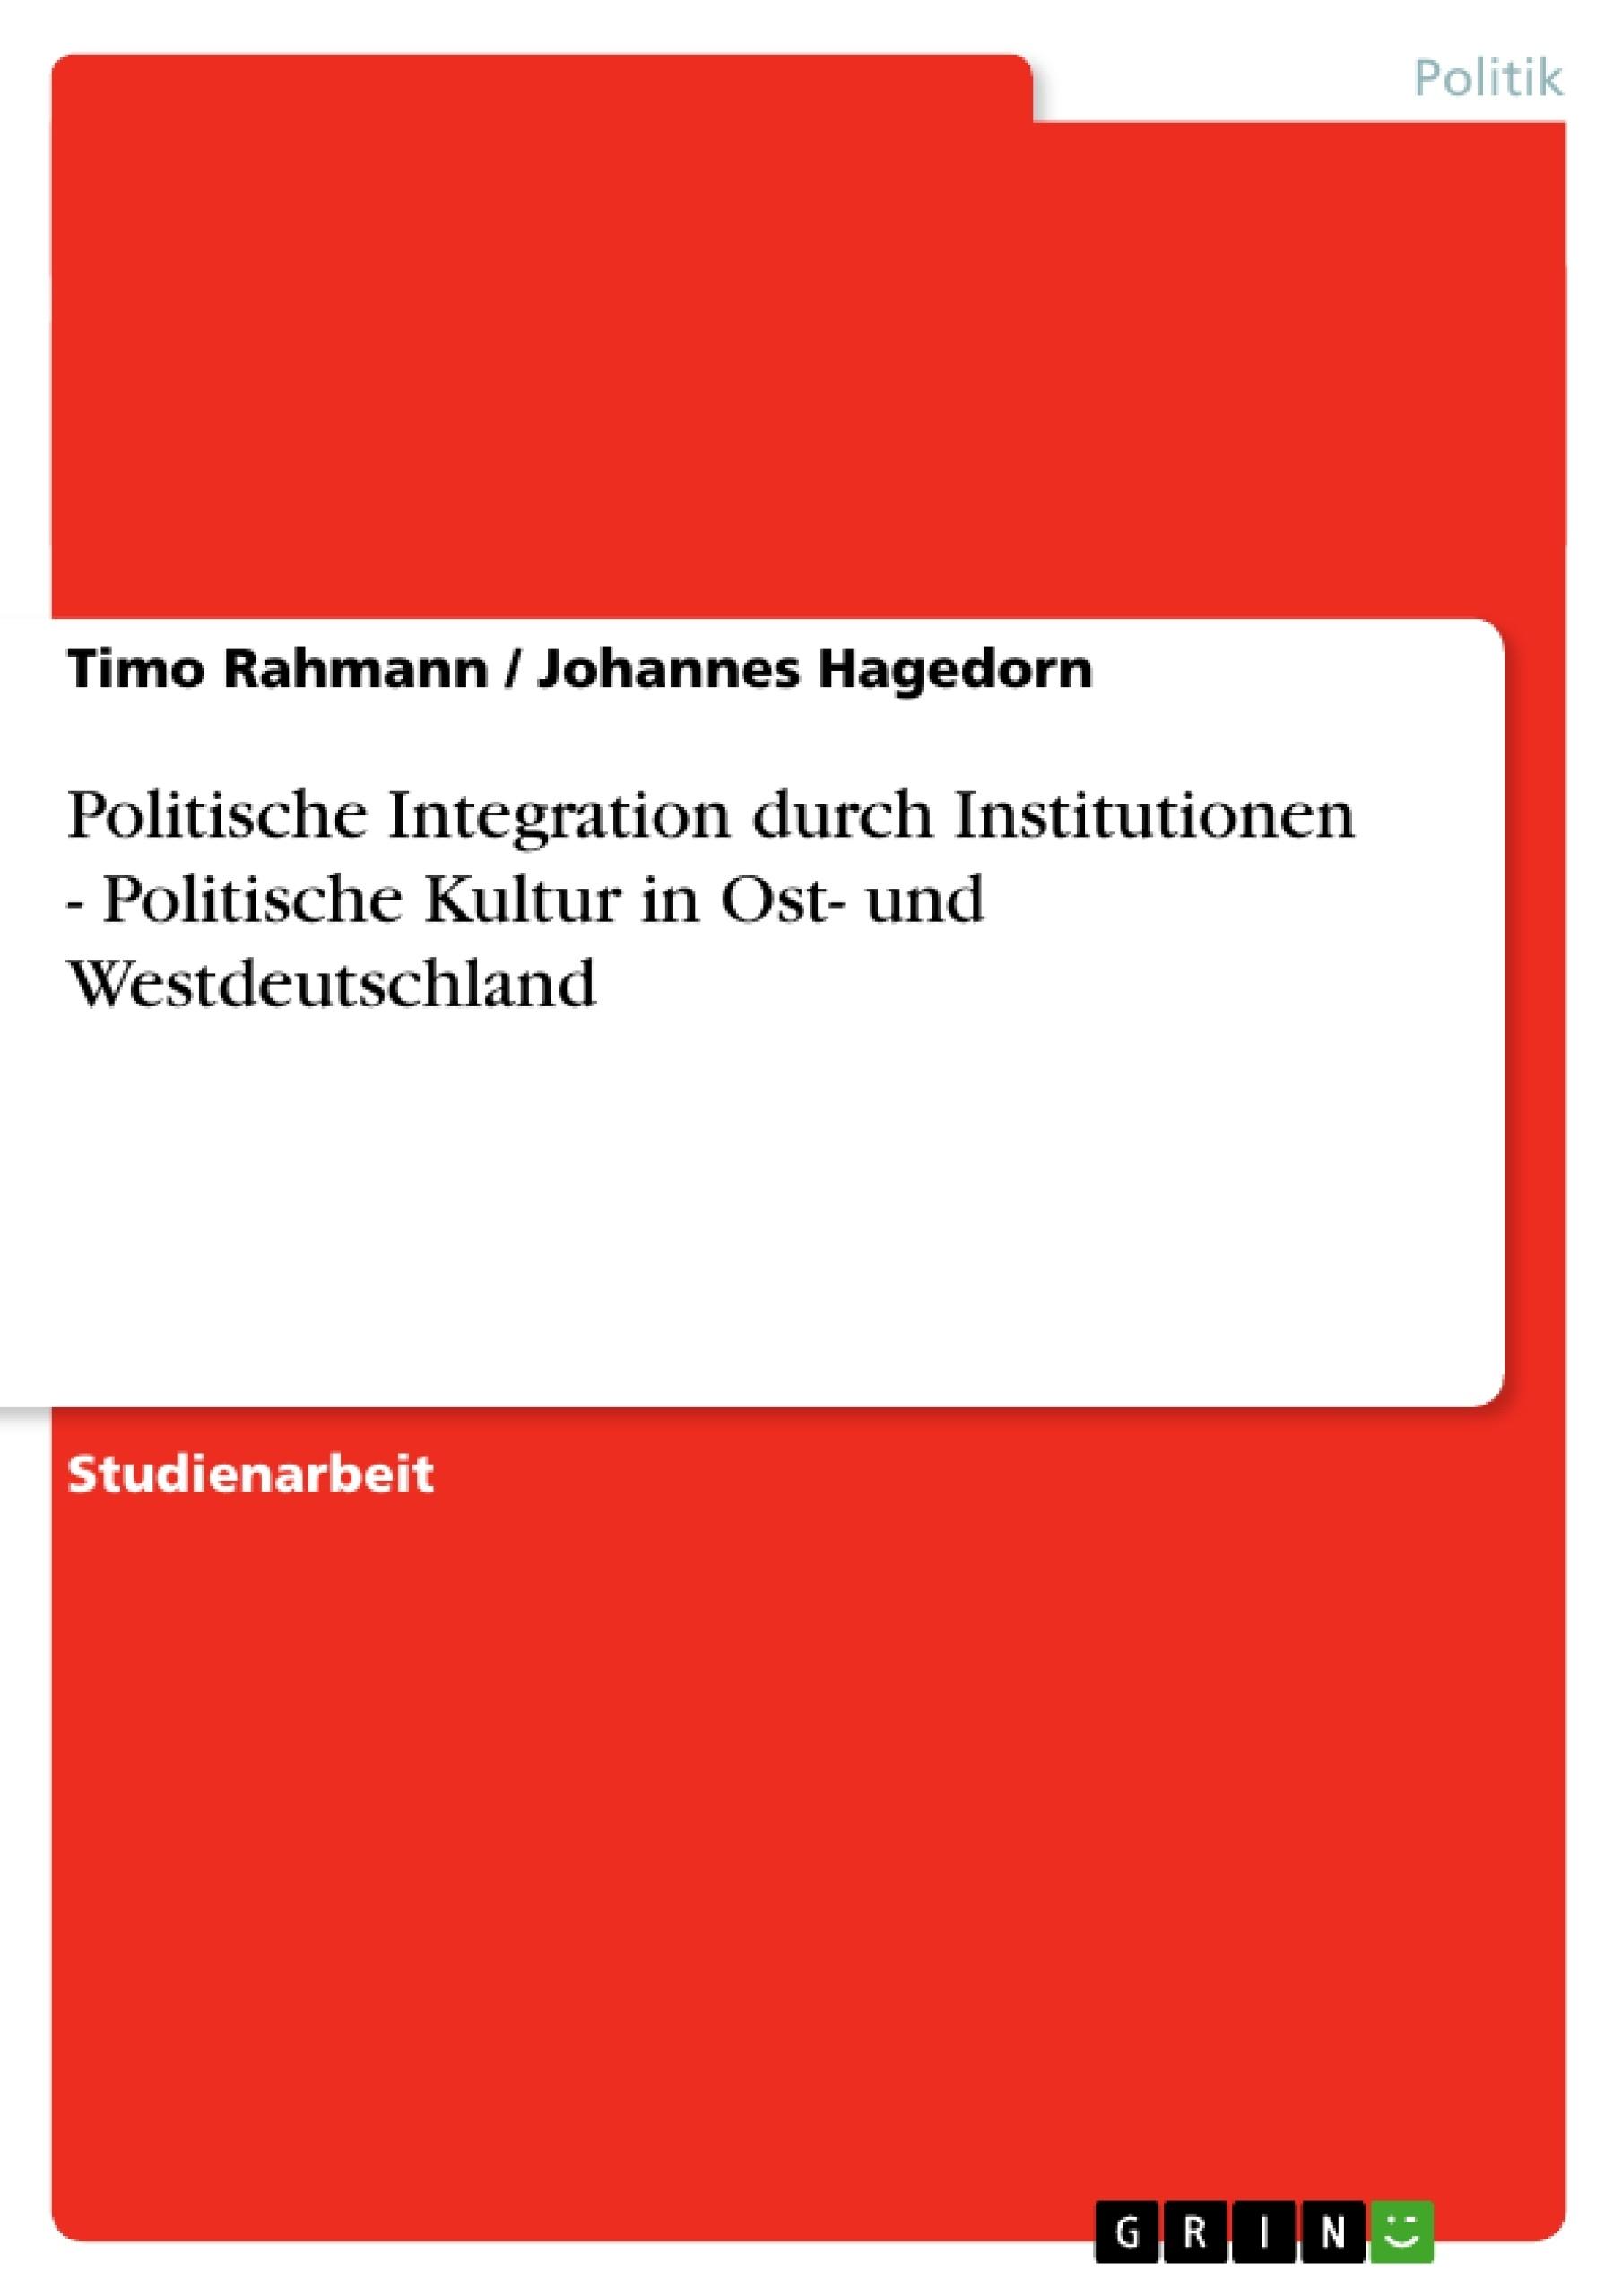 Titel: Politische Integration durch Institutionen - Politische Kultur in Ost- und Westdeutschland